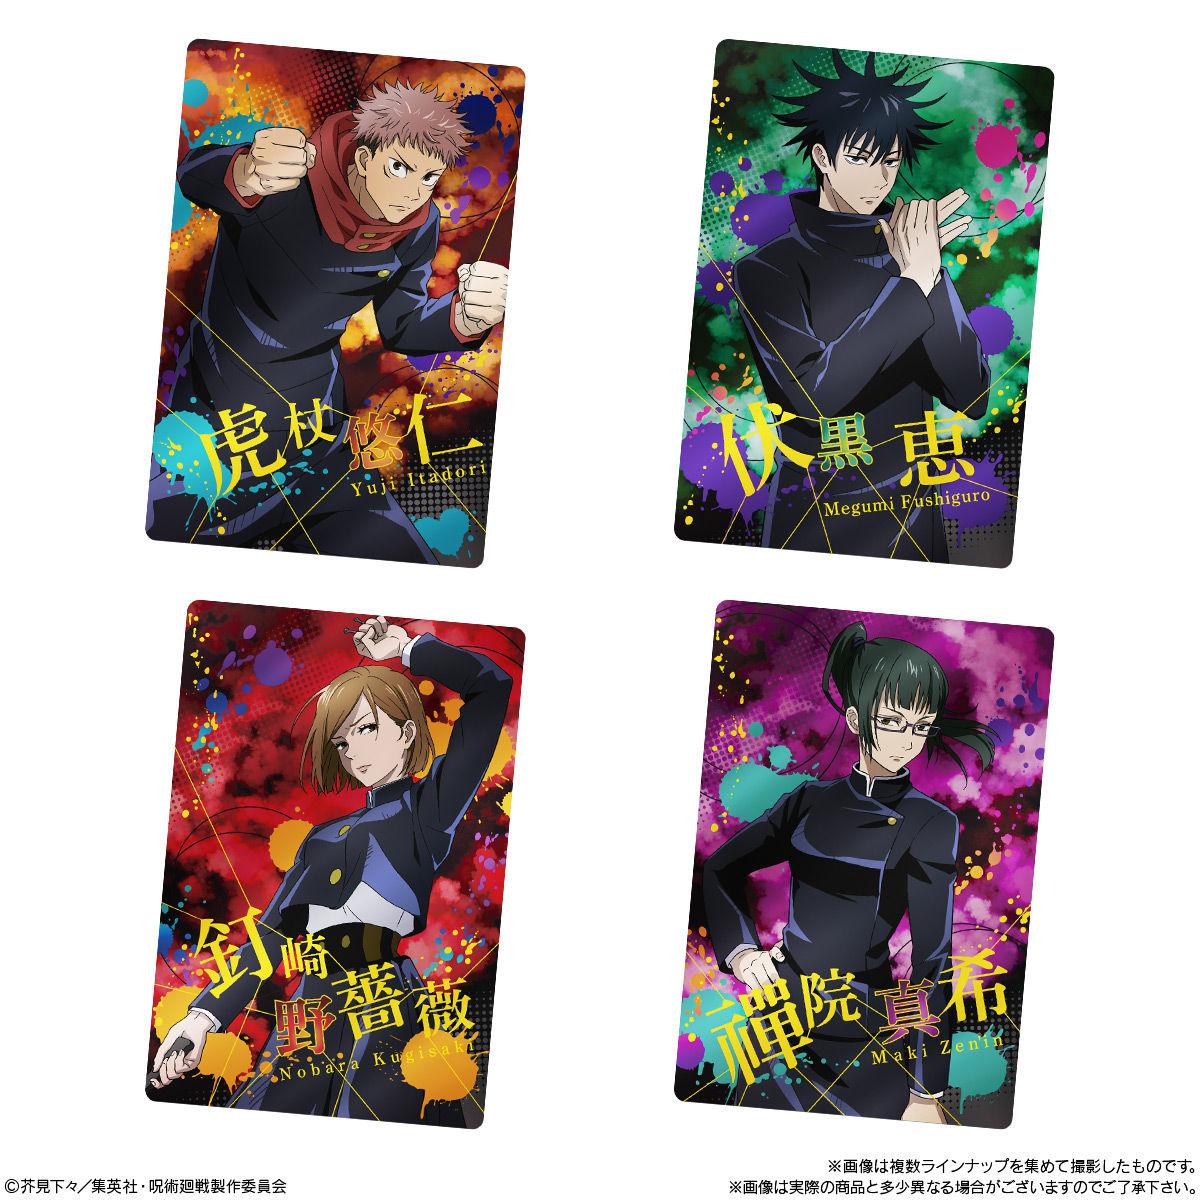 【食玩】呪術廻戦『呪術廻戦ウエハース』20個入りBOX-003